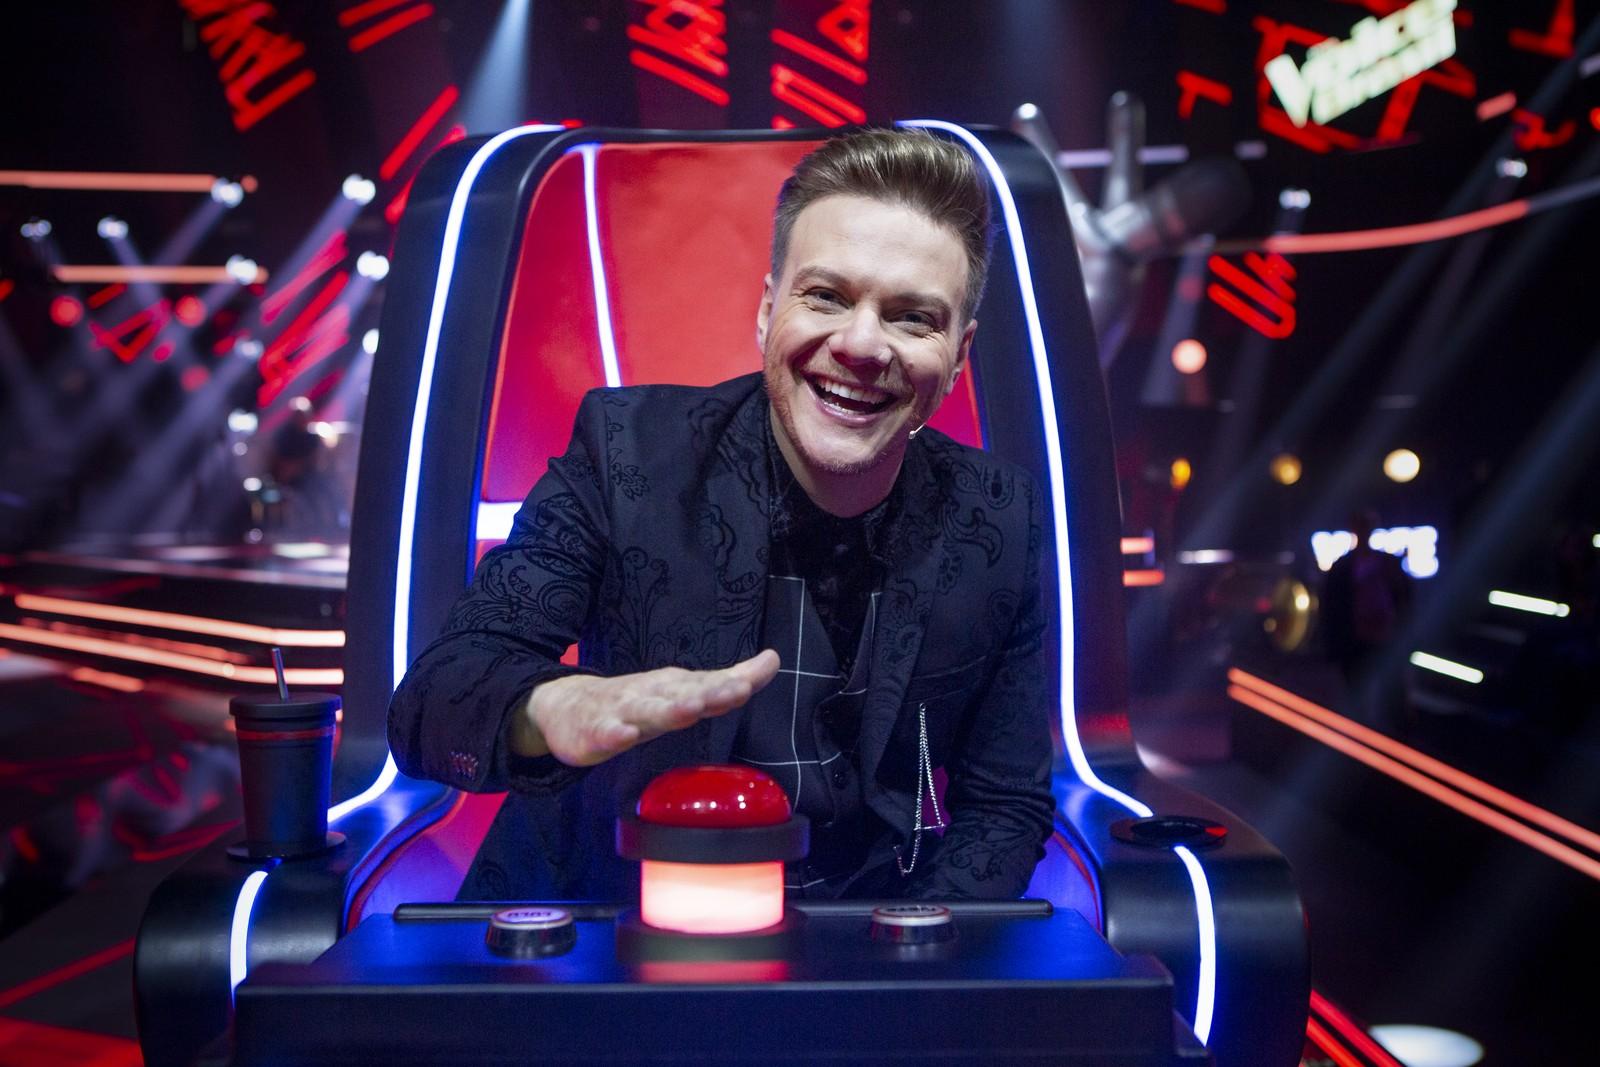 Michel Teló é um dos jurados do The Voice Brasil (foto: Divulgação/TV Globo)